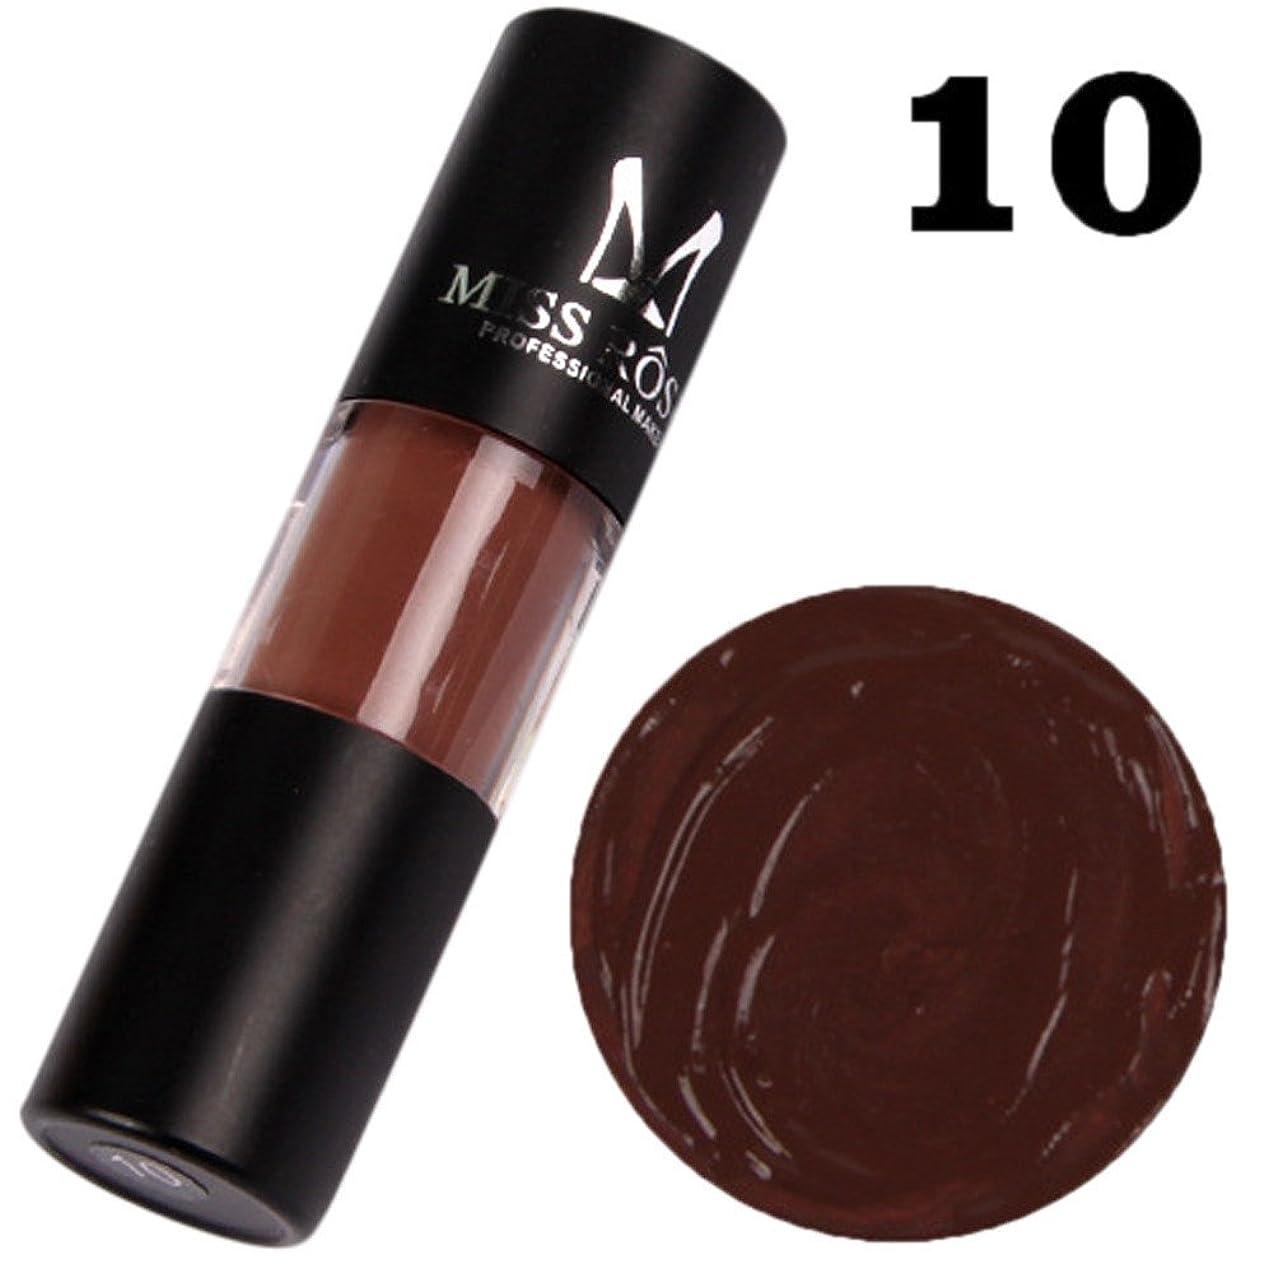 小説家ポゴスティックジャンプ規模口紅 モイスチャライザー リキッド ベルベット リップスティック 化粧品 美容 リップクリーム 若い メイク リップバーム 液体 唇に塗っっていつもよりセクシー魅力を与えるルージュhuajuan